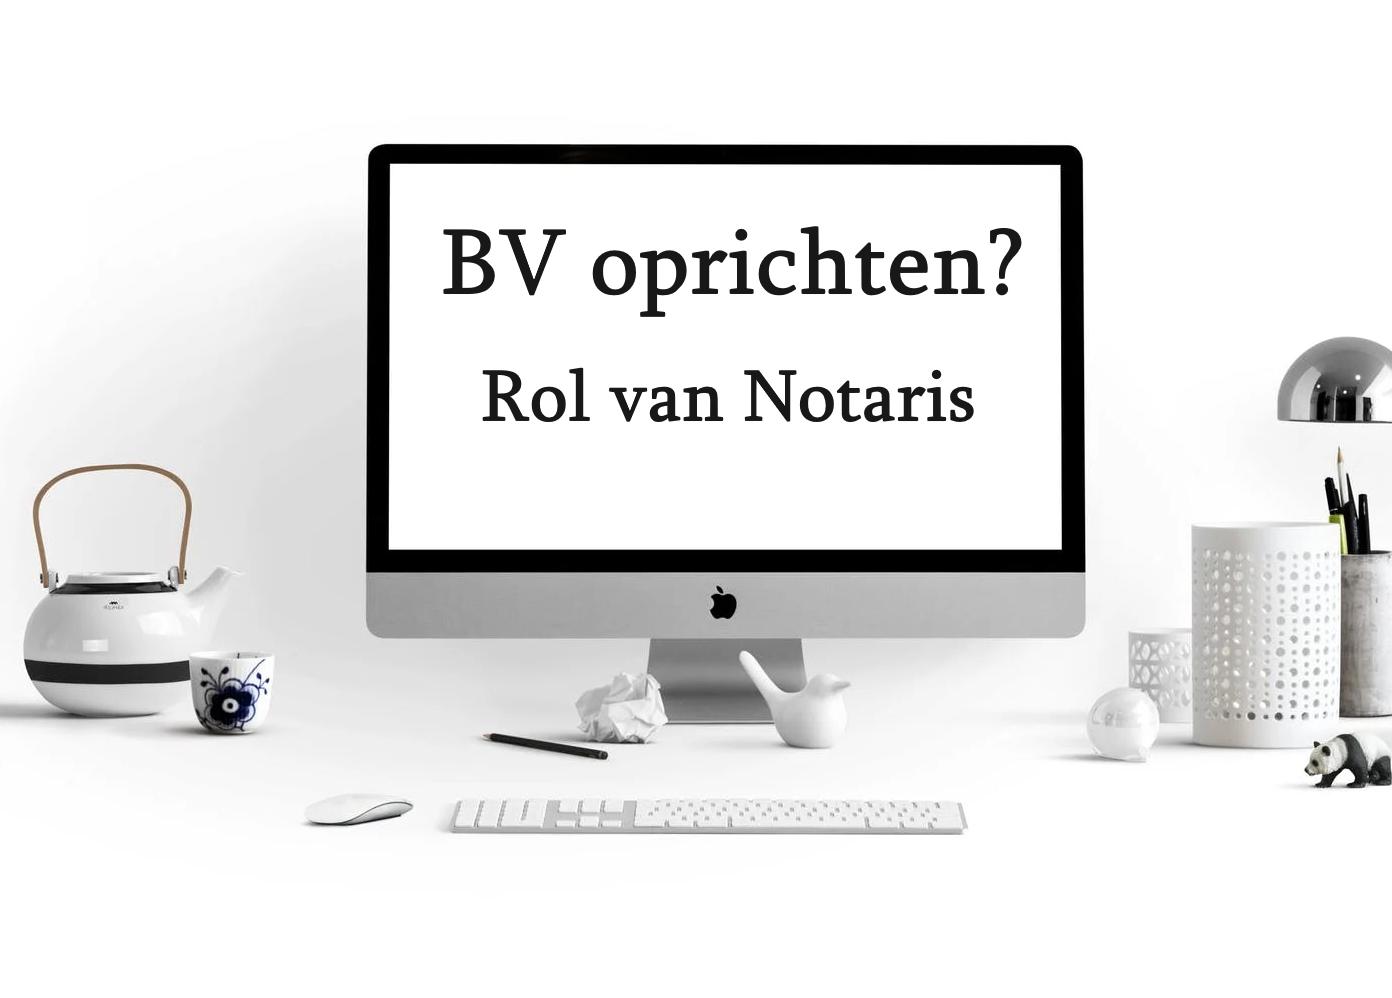 Wat is de rol van een notaris bij bv oprichten